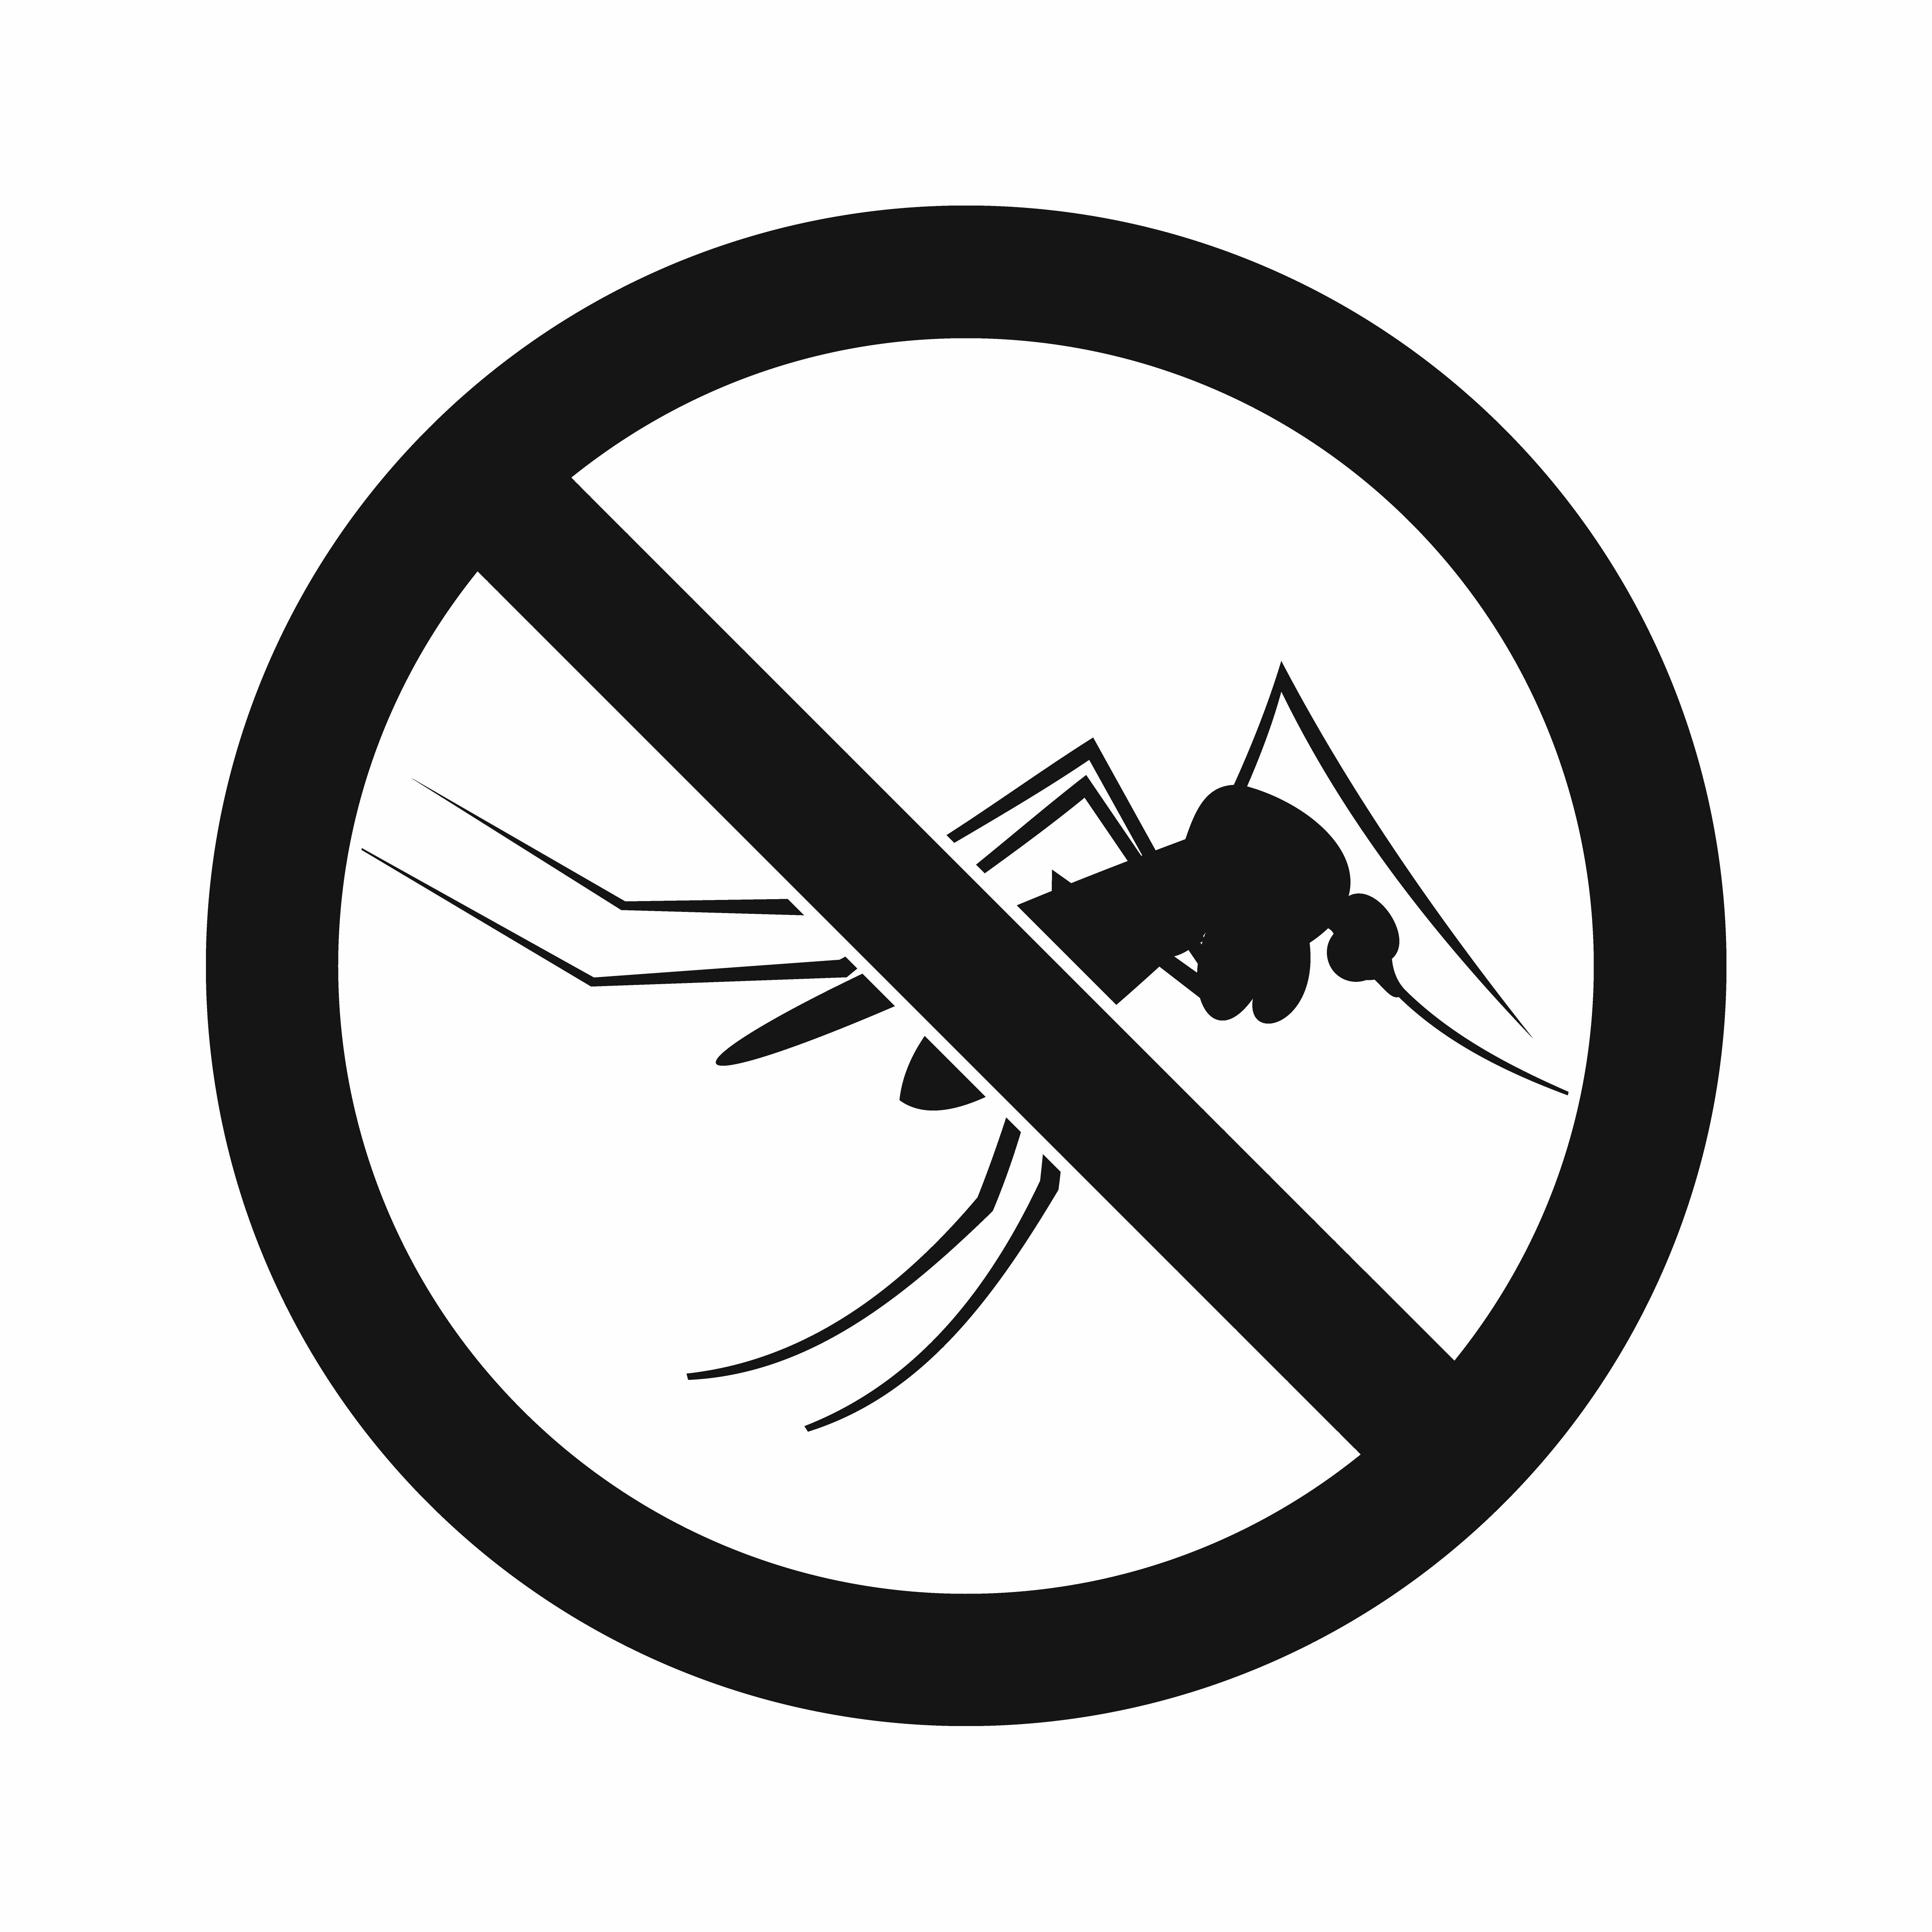 Anti-mosquito equipment